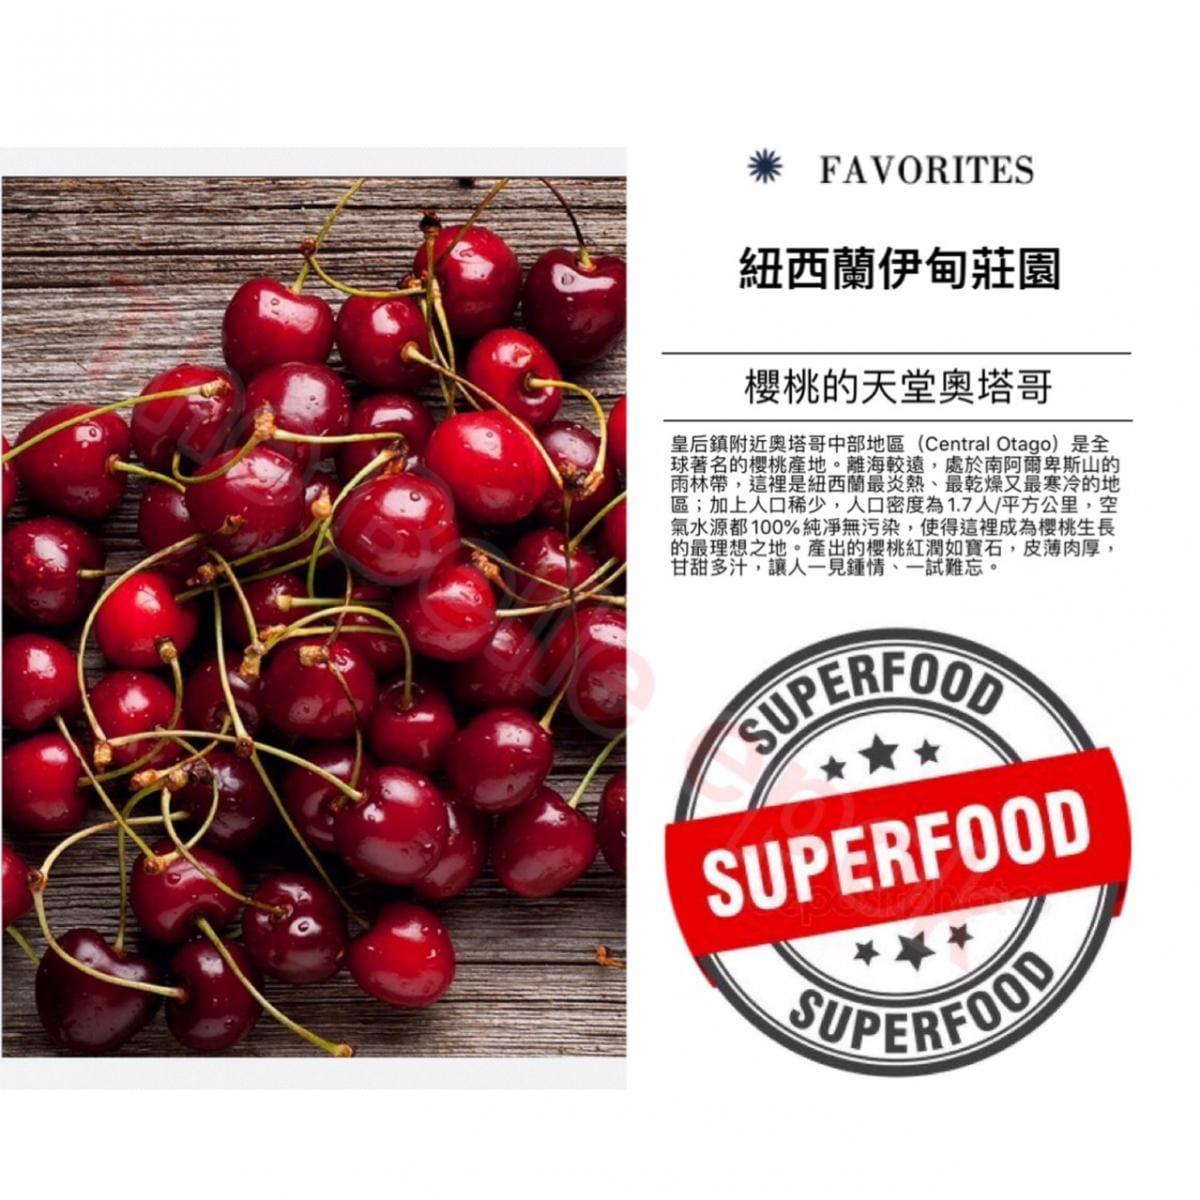 紐西蘭進口-伊甸莊園100%櫻桃汁,100%藍莓汁,綜合果汁 果汁飲料運動補給 夏天 養顏美容 1